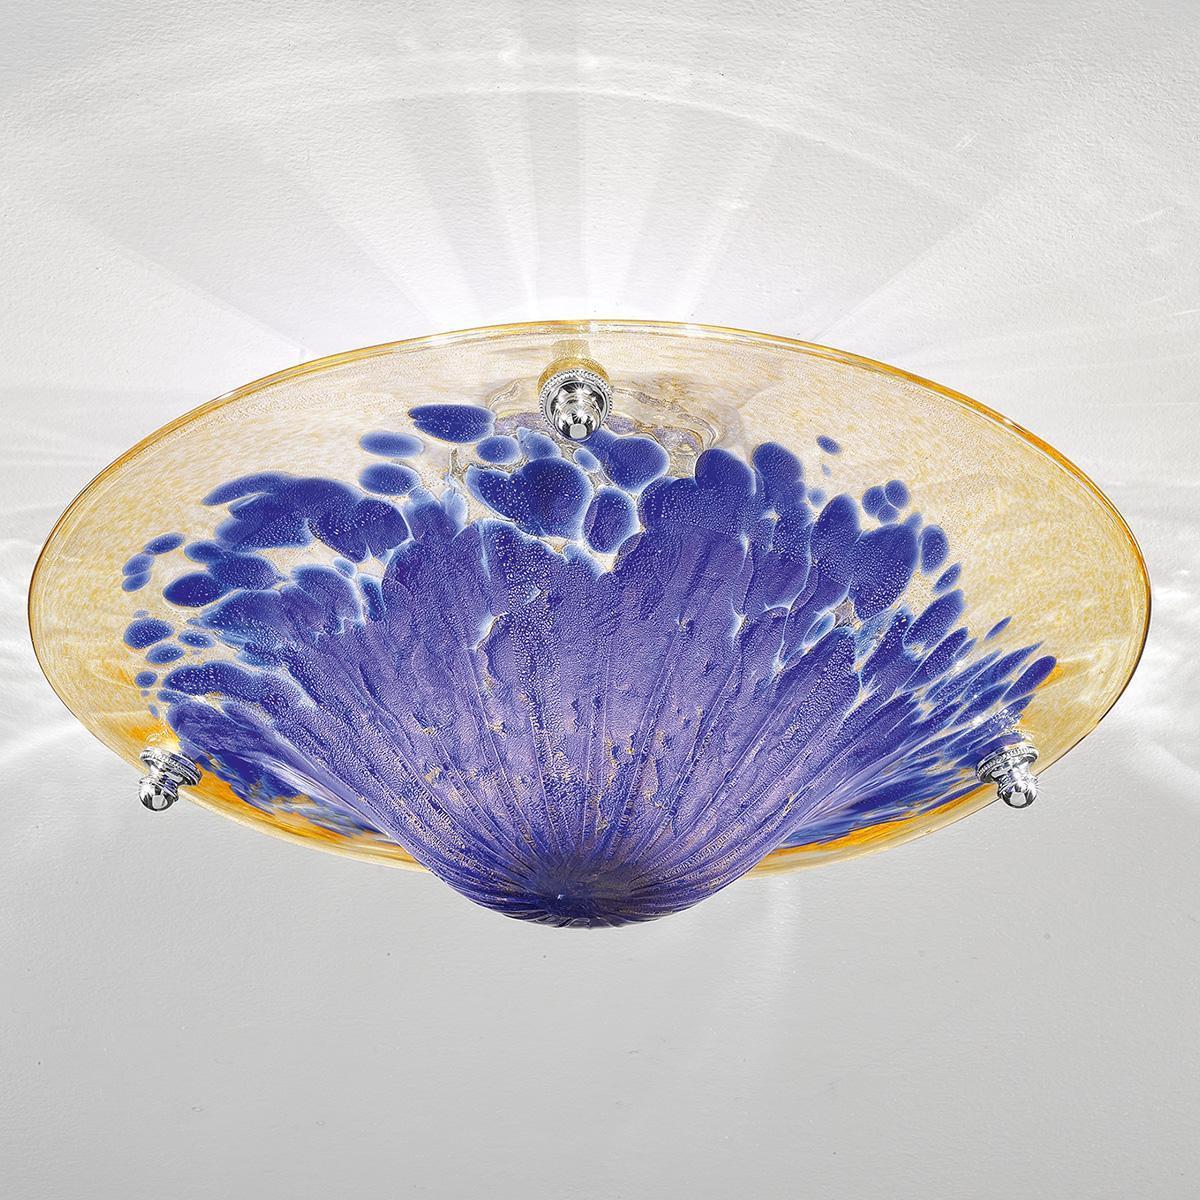 """""""Frida"""" Murano glas deckenleuchte - 3 flammig - bernstein, blau und gold"""